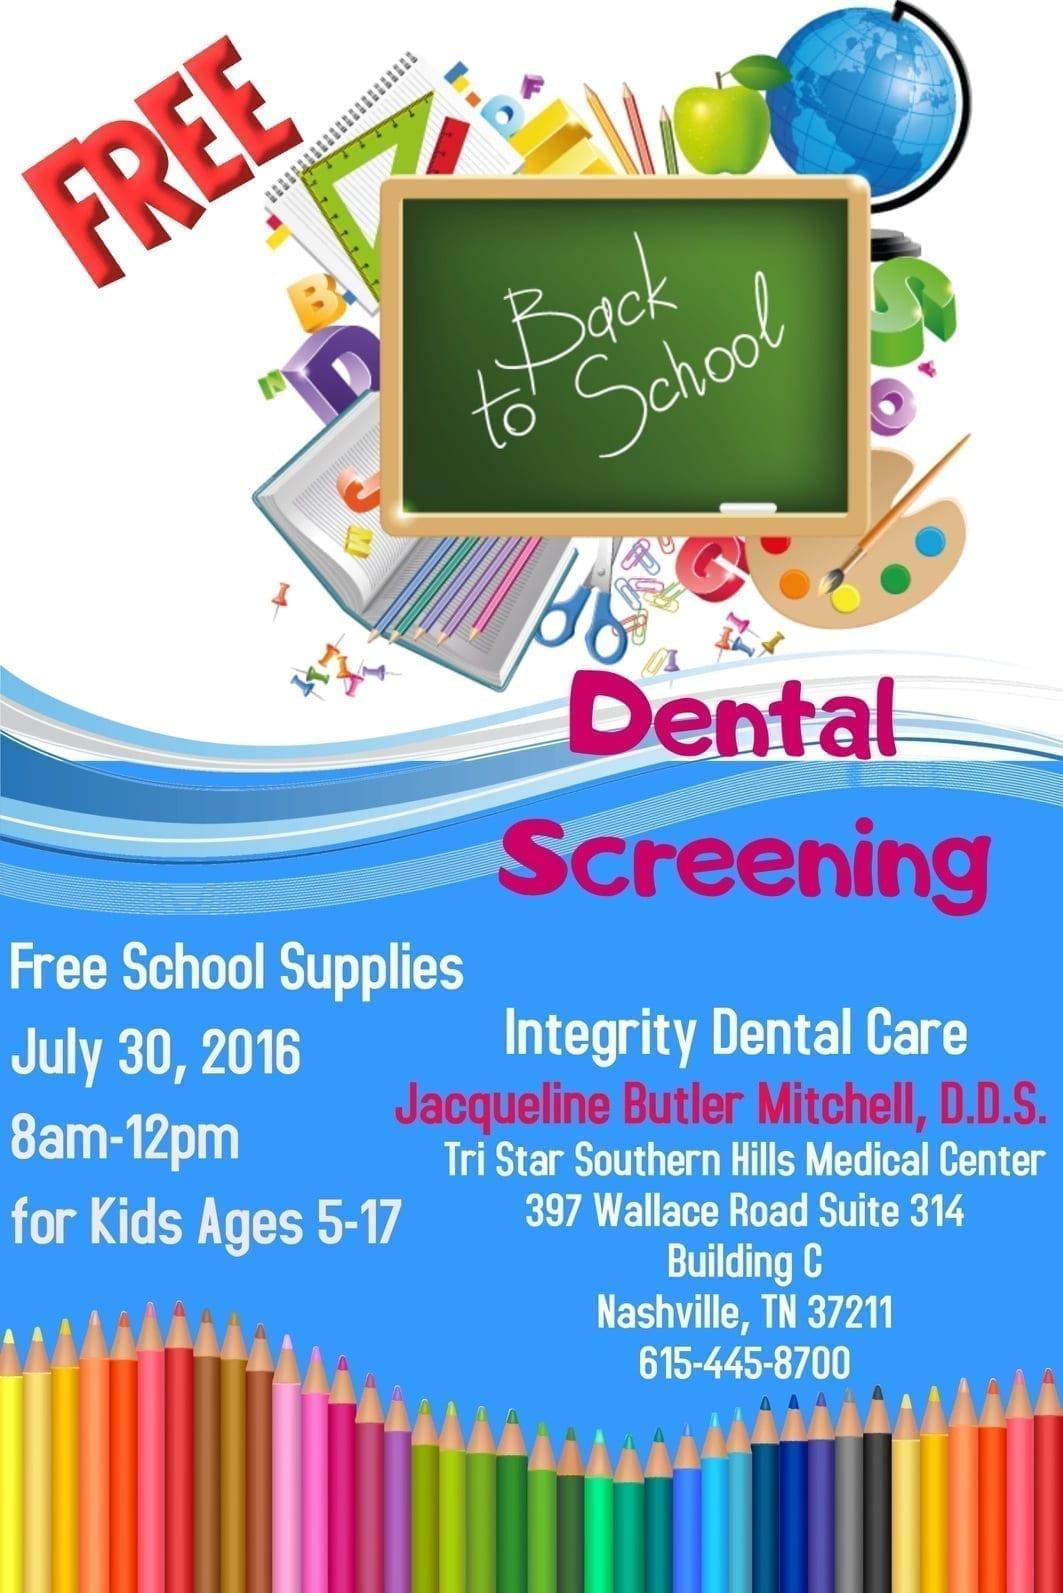 Dental event poster